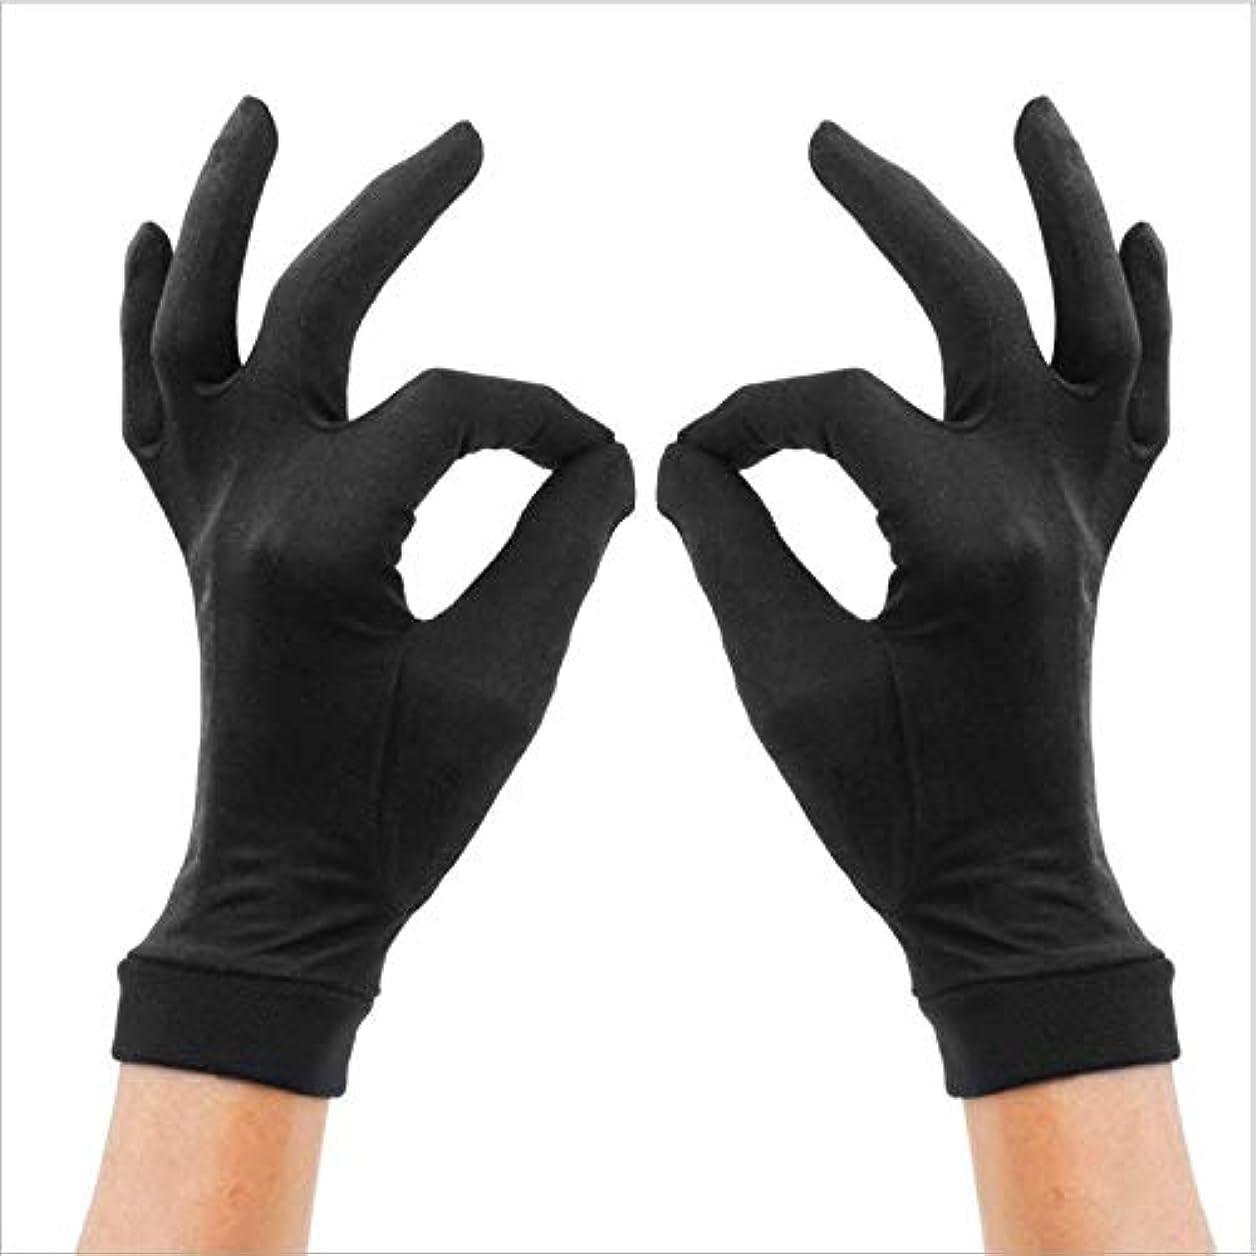 すばらしいですベテランキリスト教シルク手袋 ALUL 手袋 シルク uvカット おやすみ 手触りが良い 紫外線 日焼け防止 手荒い 保湿 夏 ハンド ケア レディース/メンズ